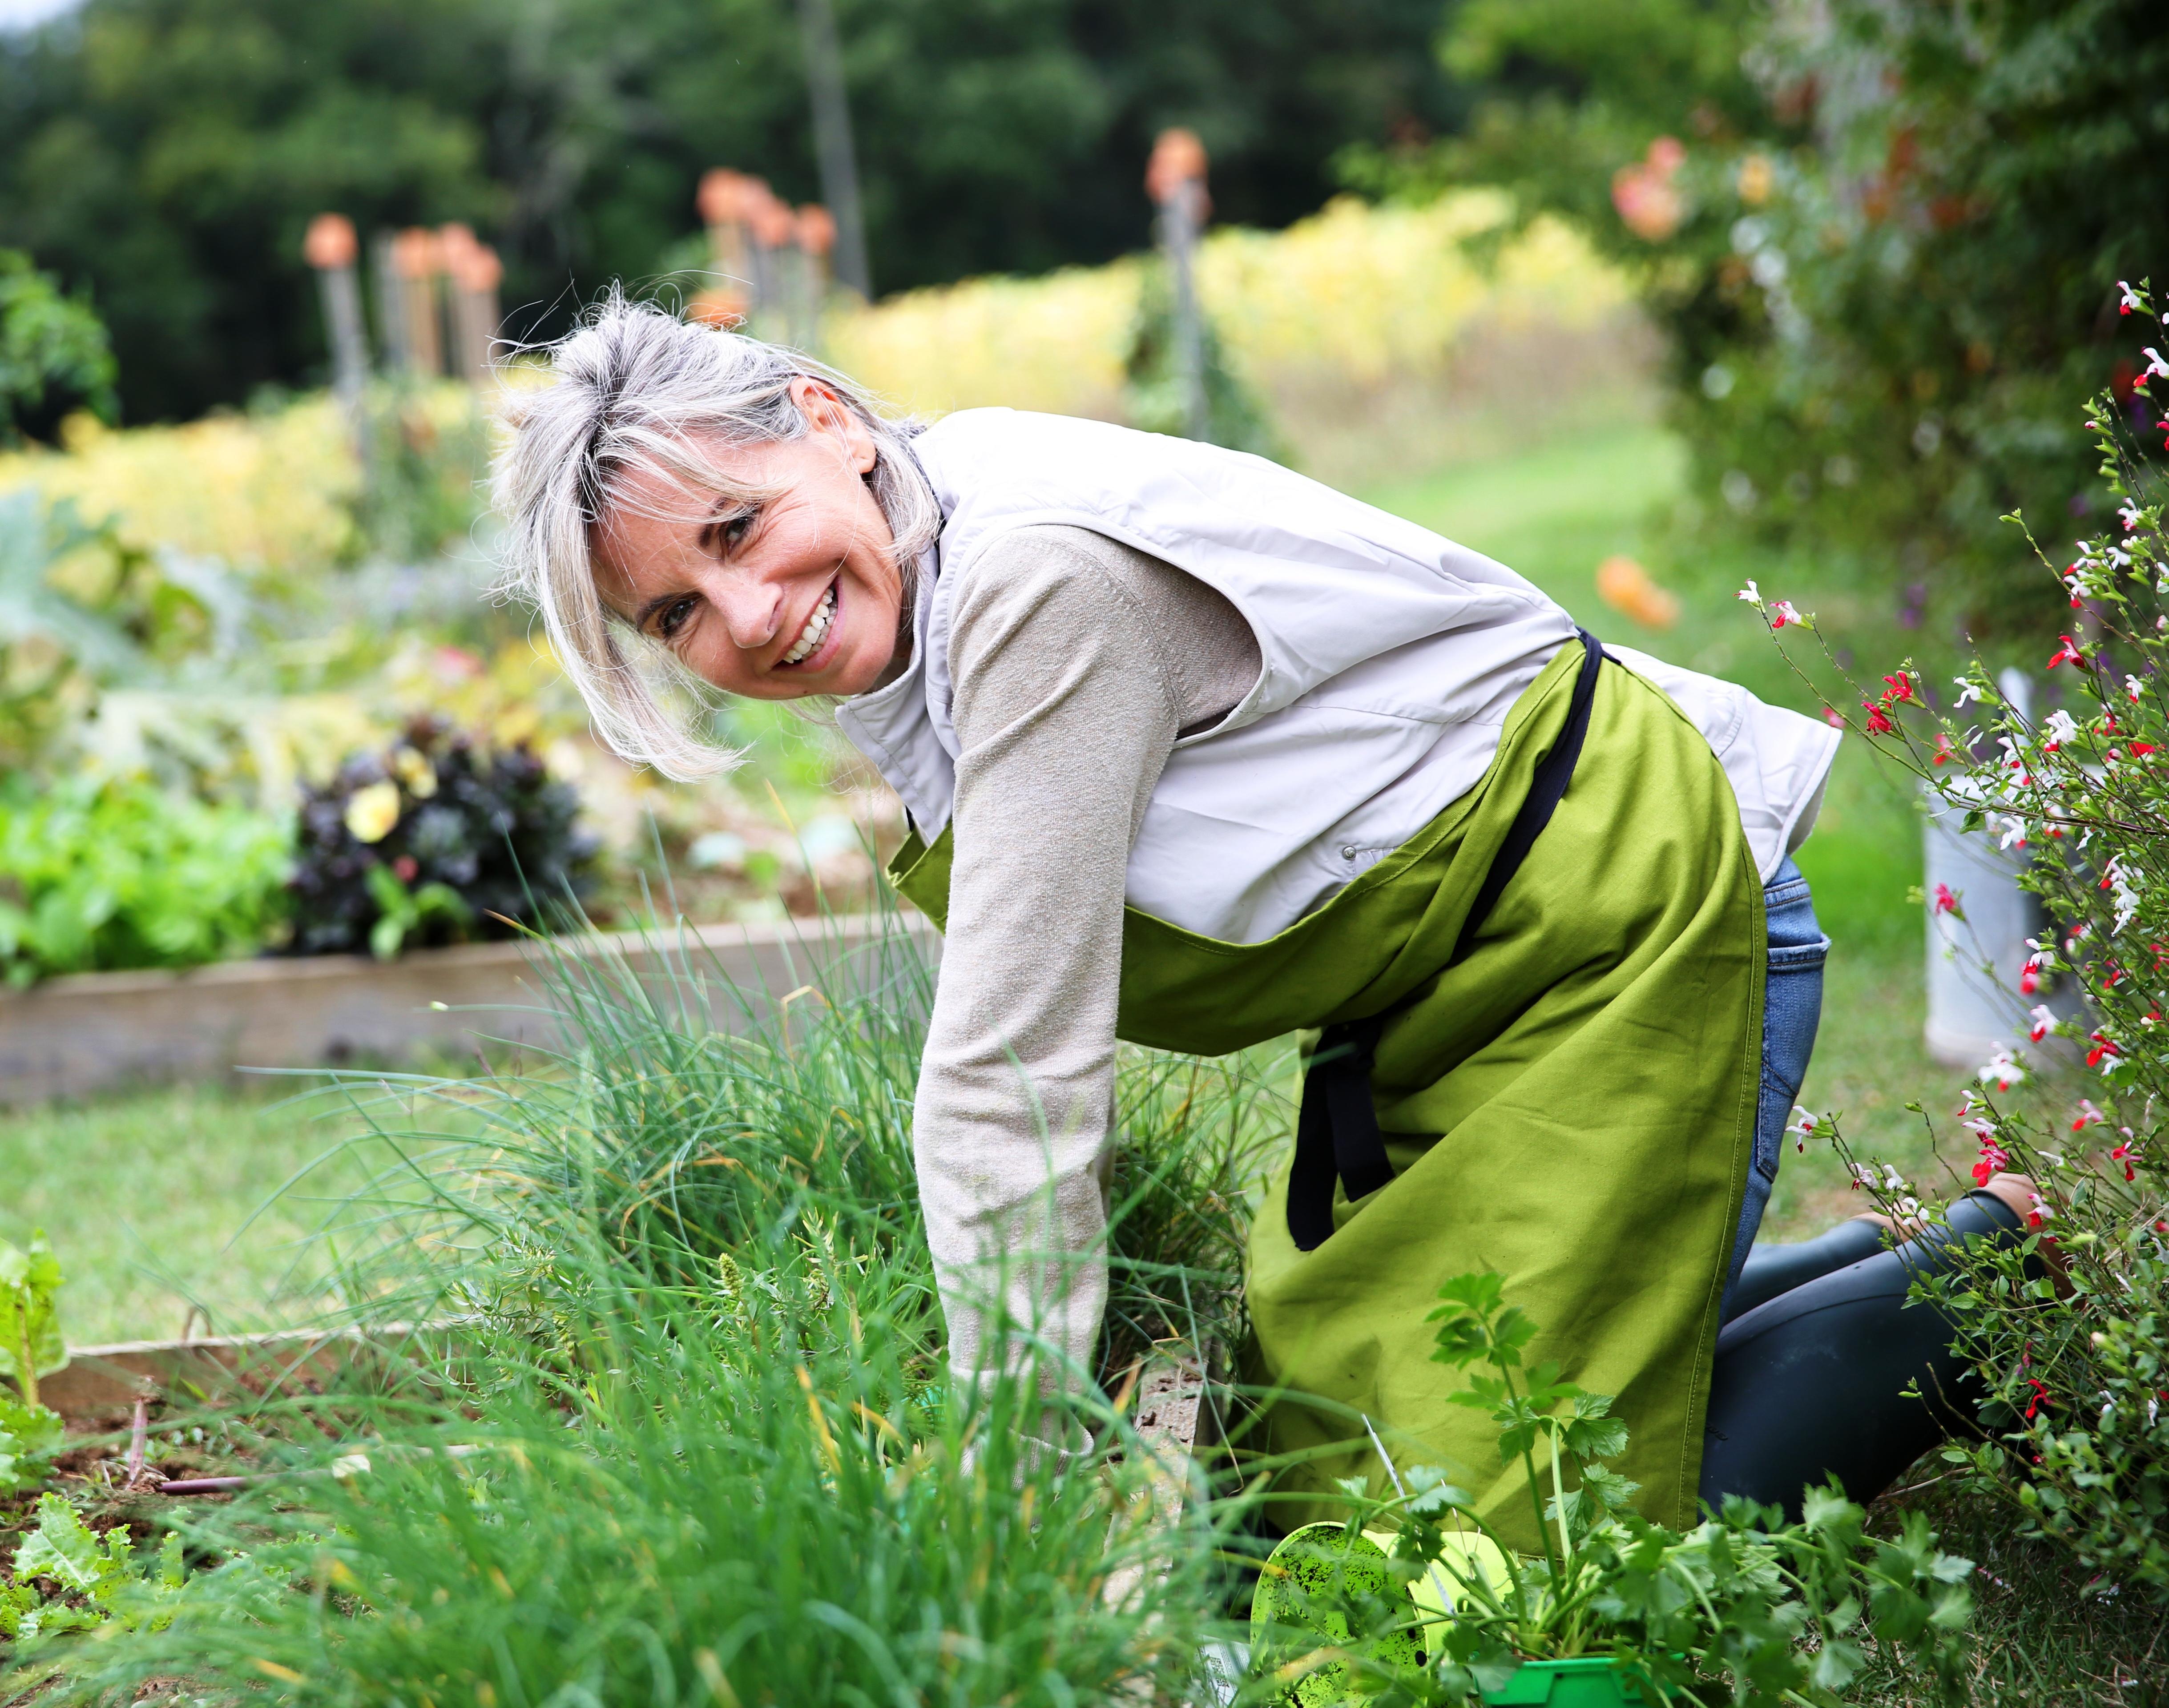 Как работать, чтобы не скрючило в огороде